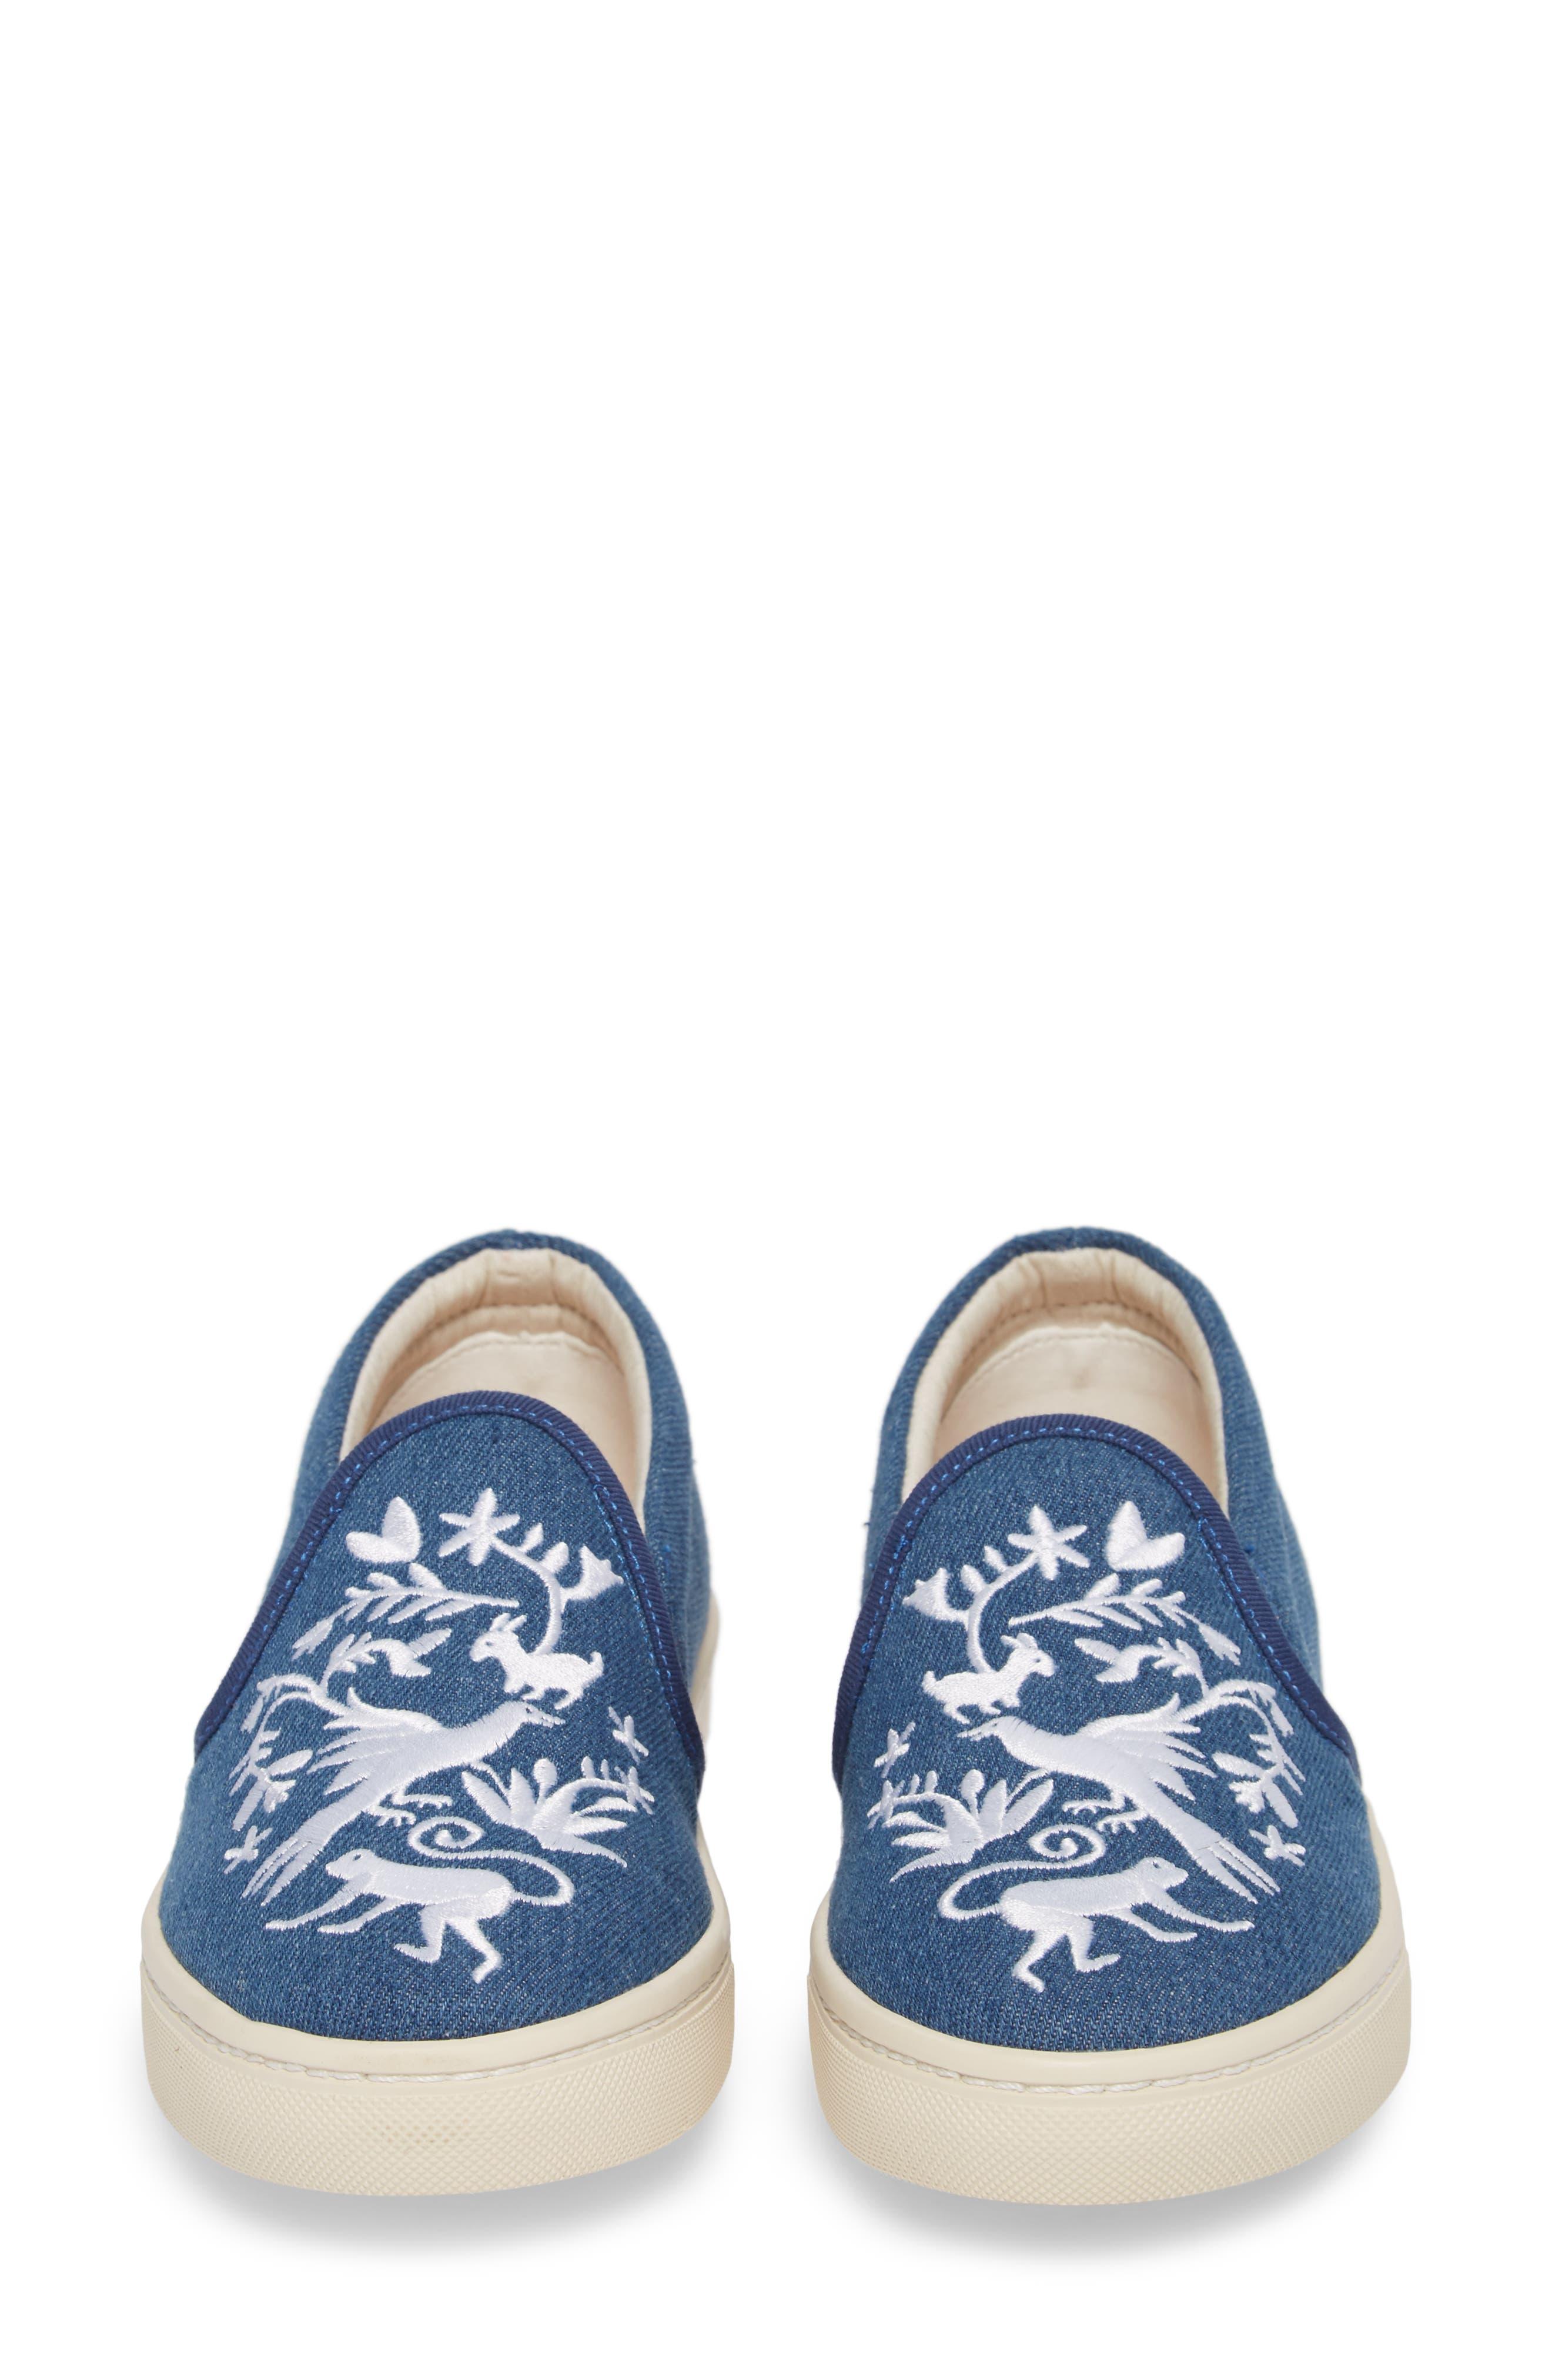 Otomi Slip-On Sneaker,                             Alternate thumbnail 5, color,                             Denim Fabric